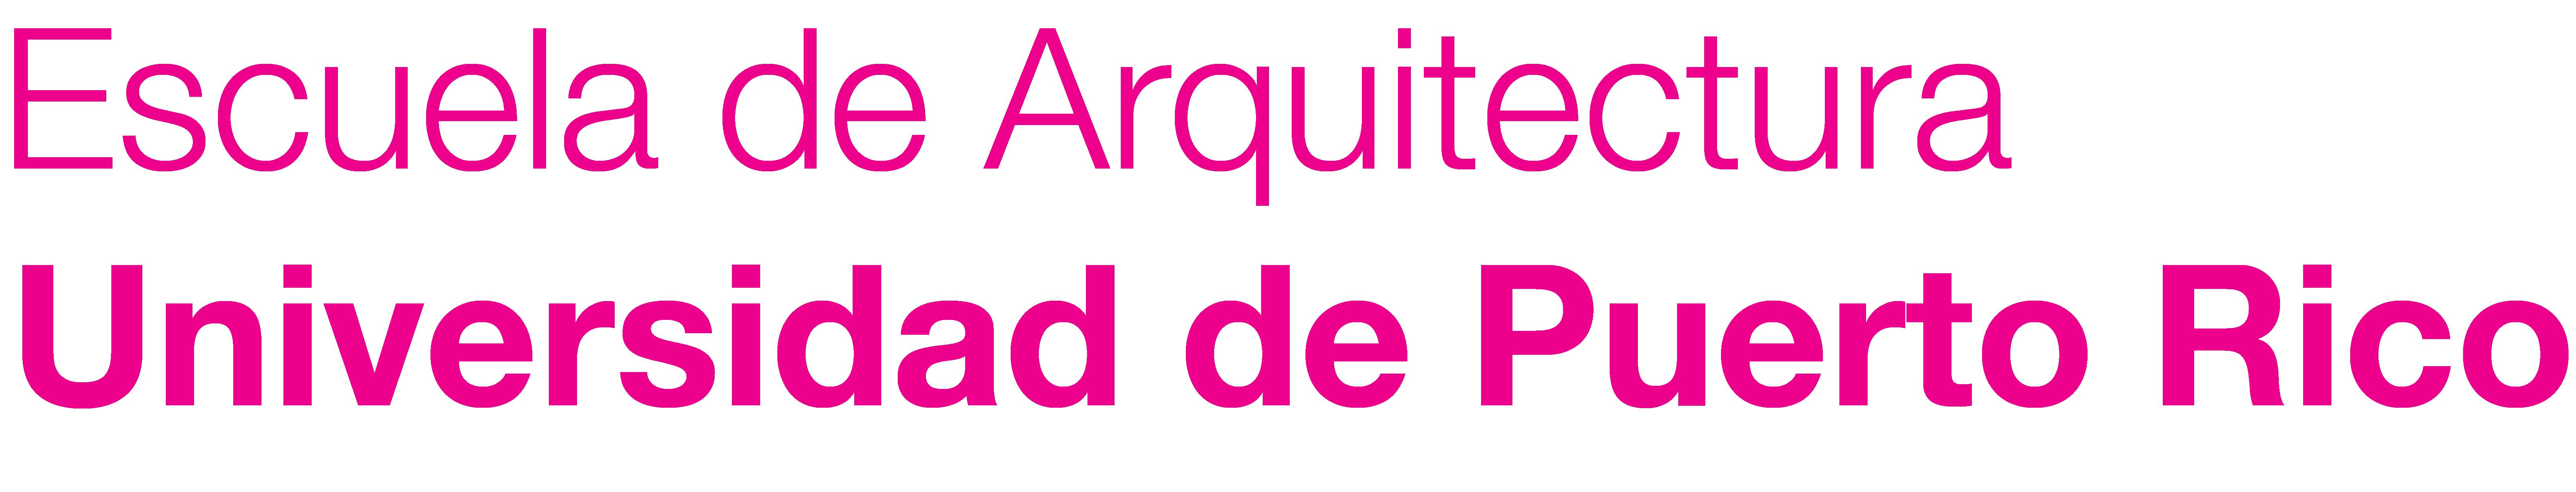 Escuela nombre logo v12